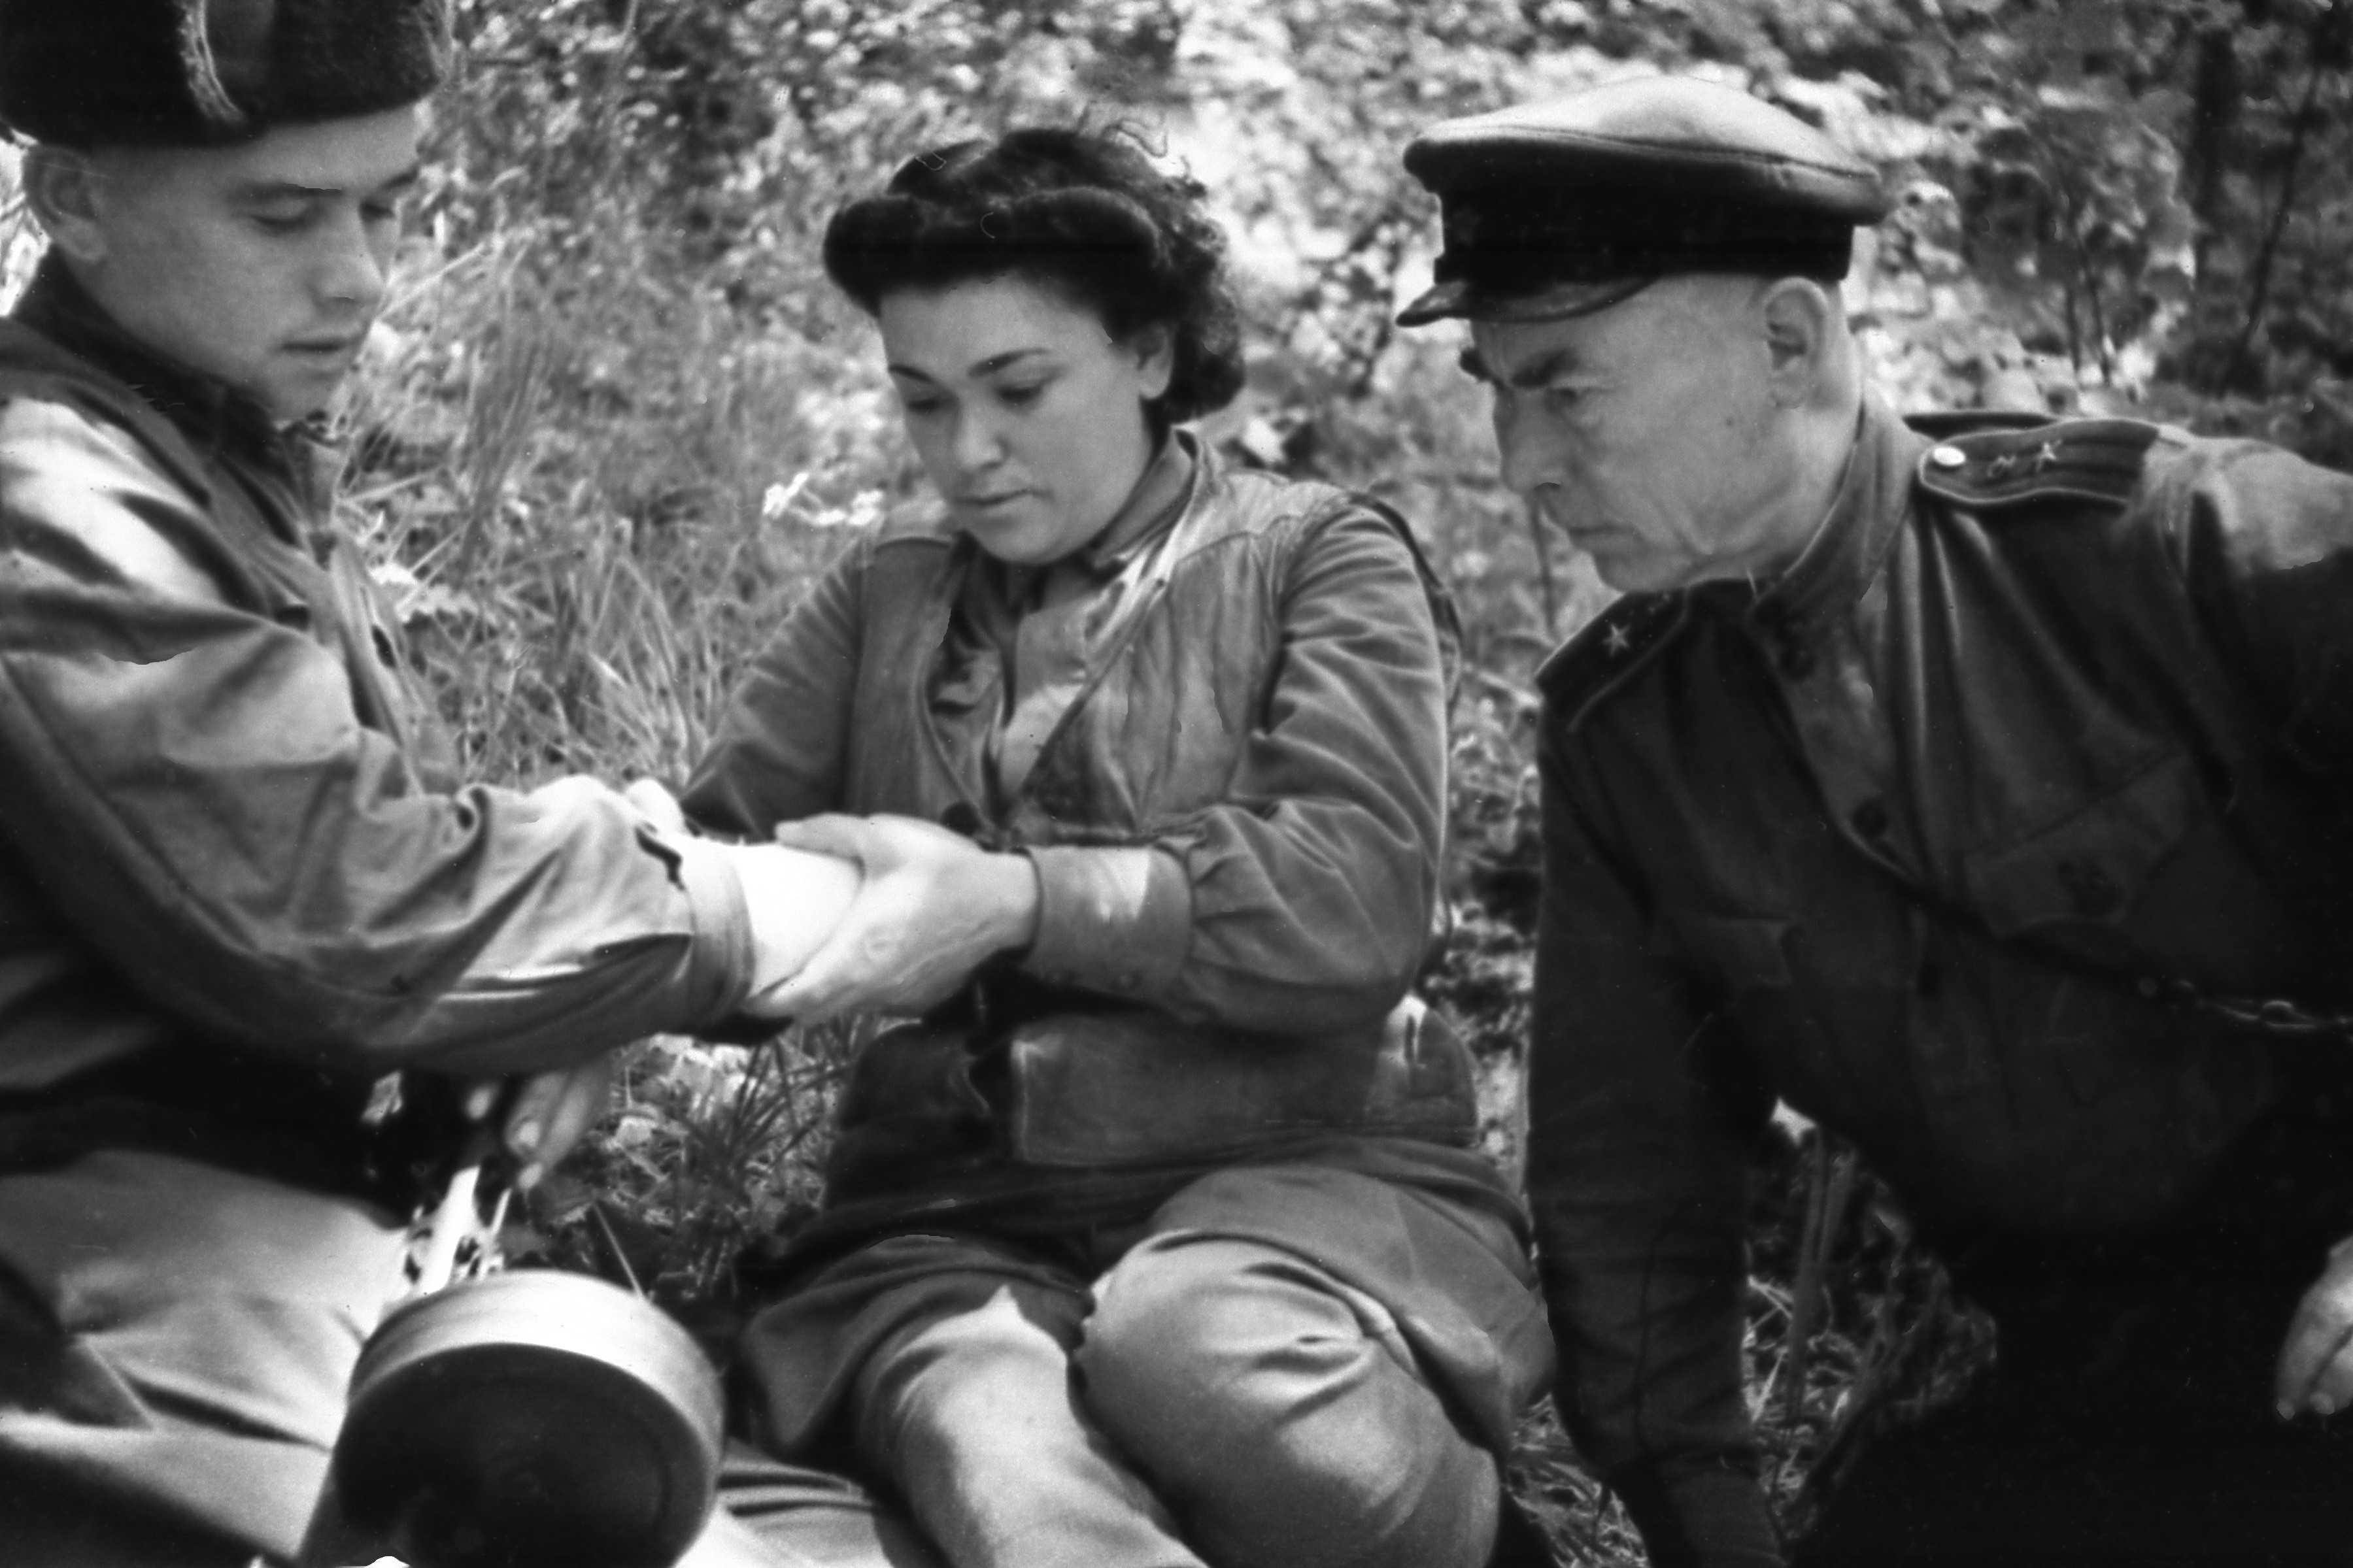 Экспонат #19. Санчасть партизанской группы Серго. Лето 1943 года